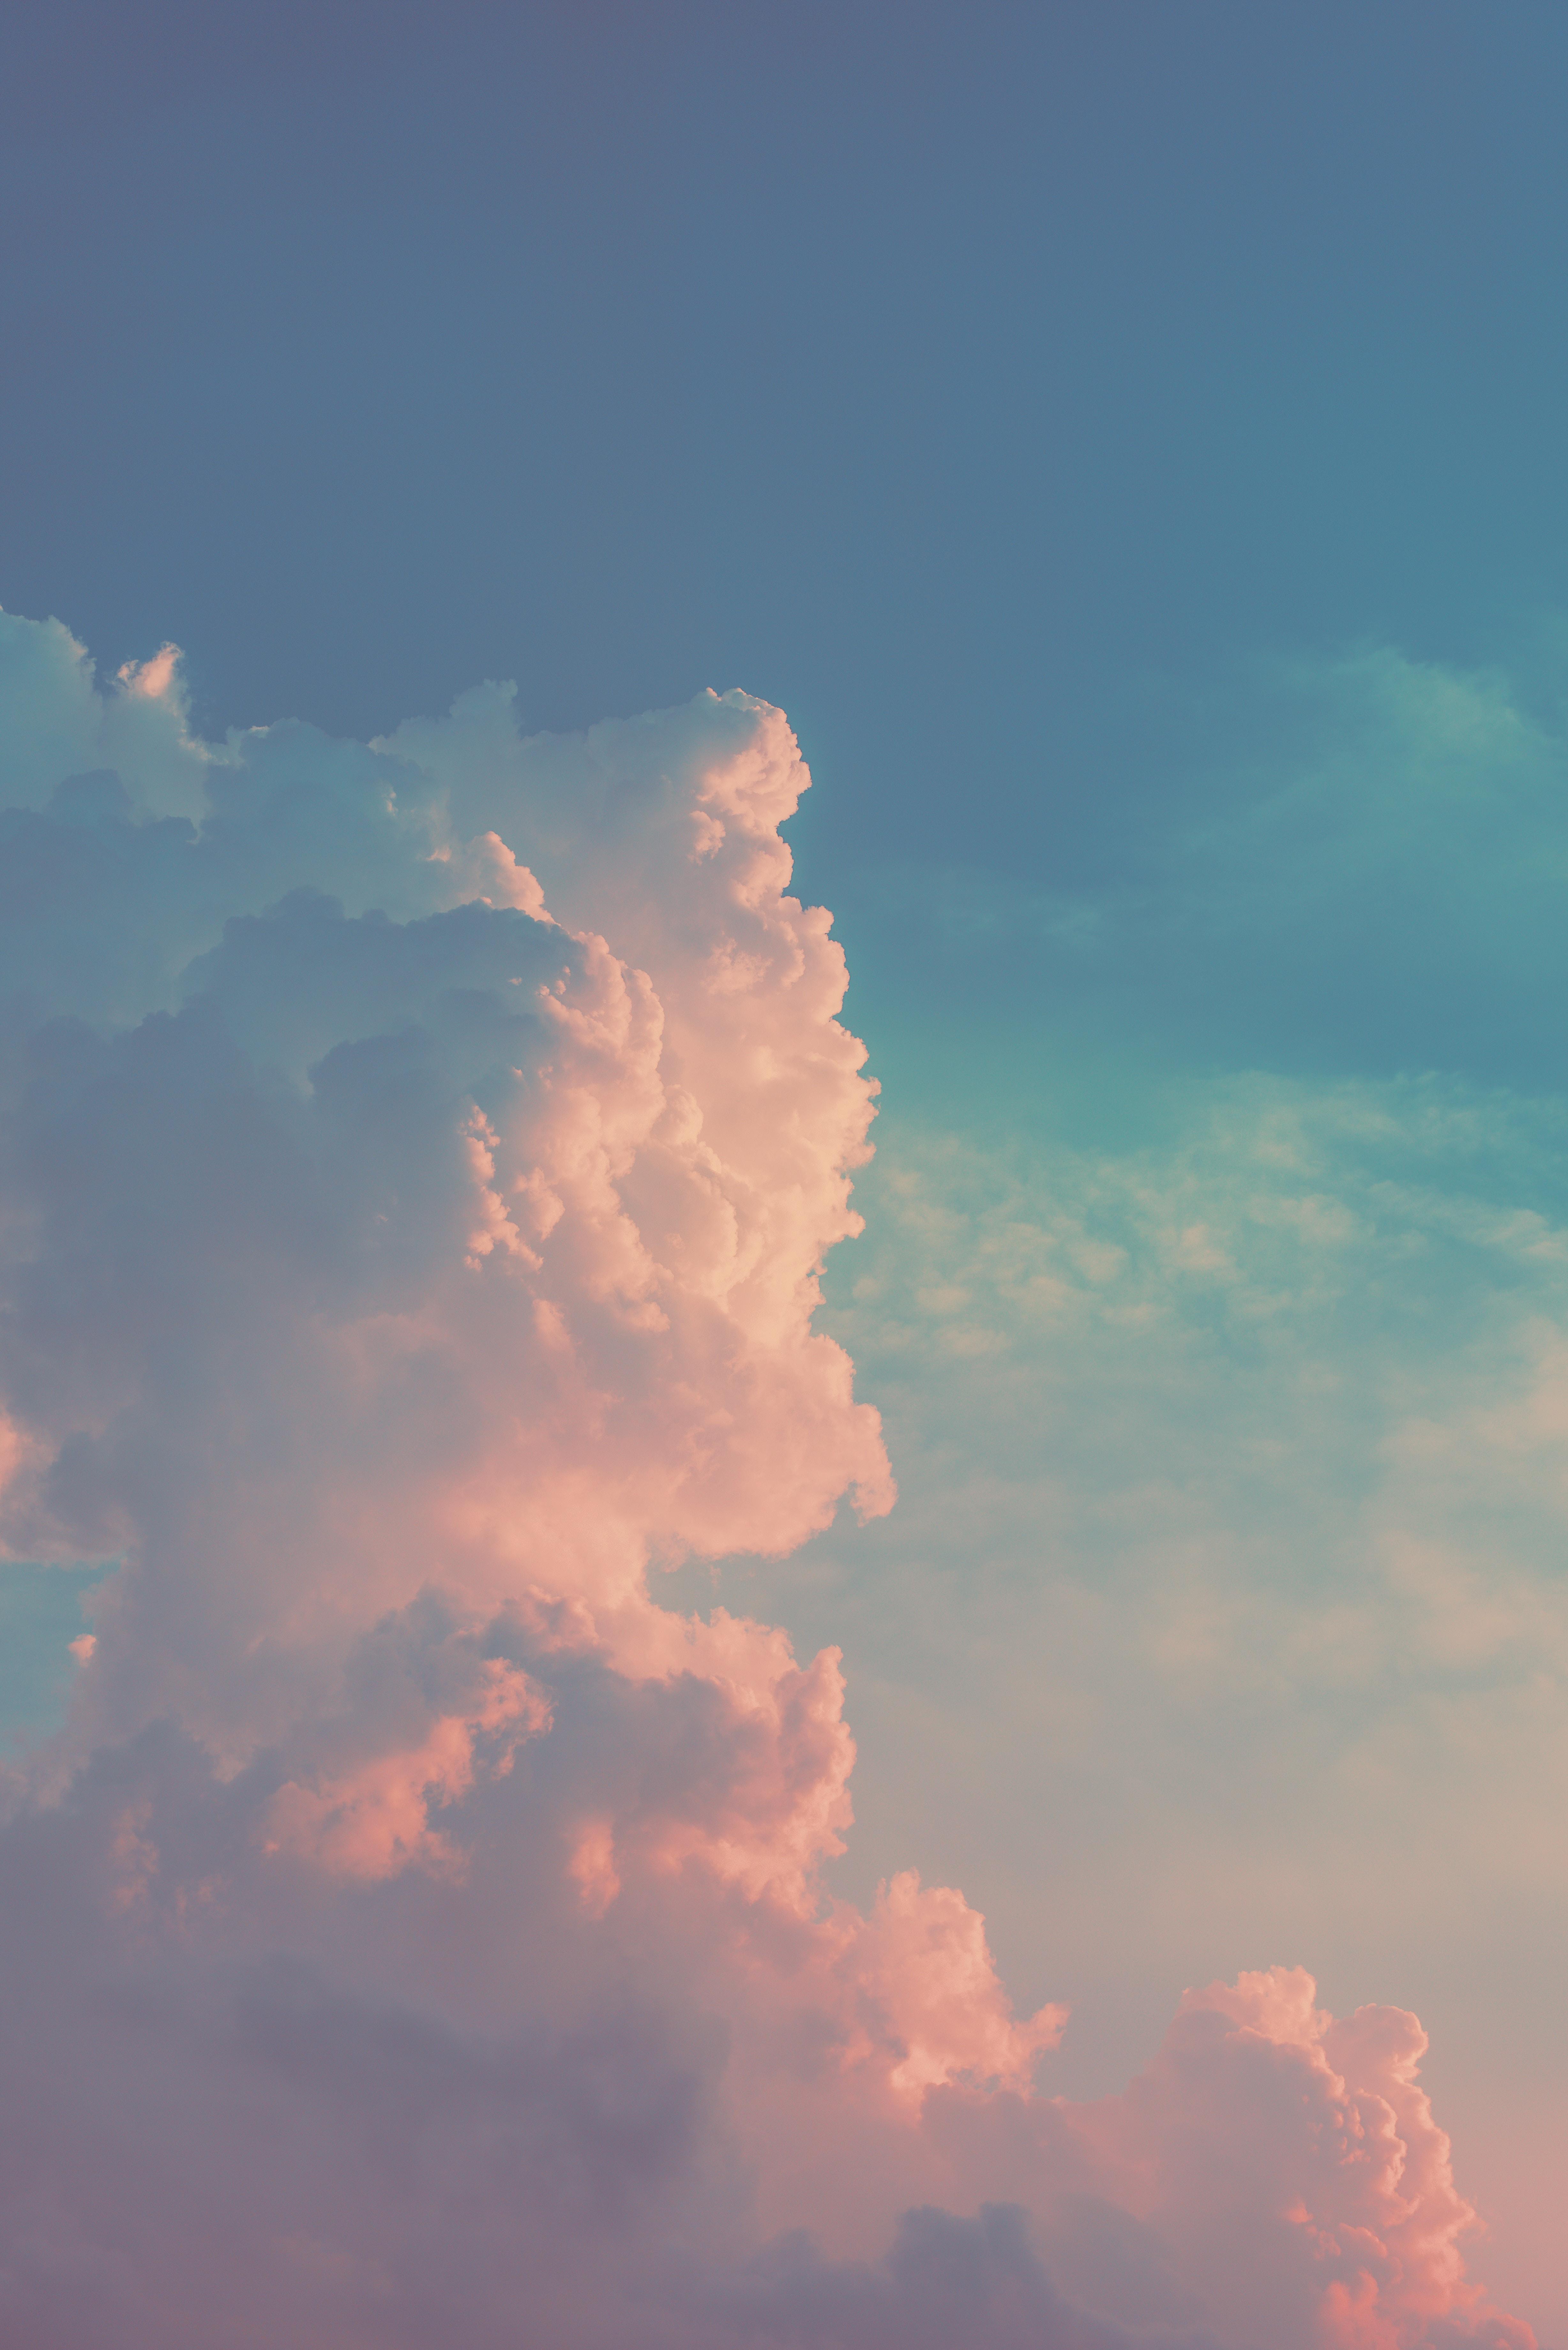 62569 скачать обои Облака, Природа, Небо, Светлый, День, Пористый - заставки и картинки бесплатно